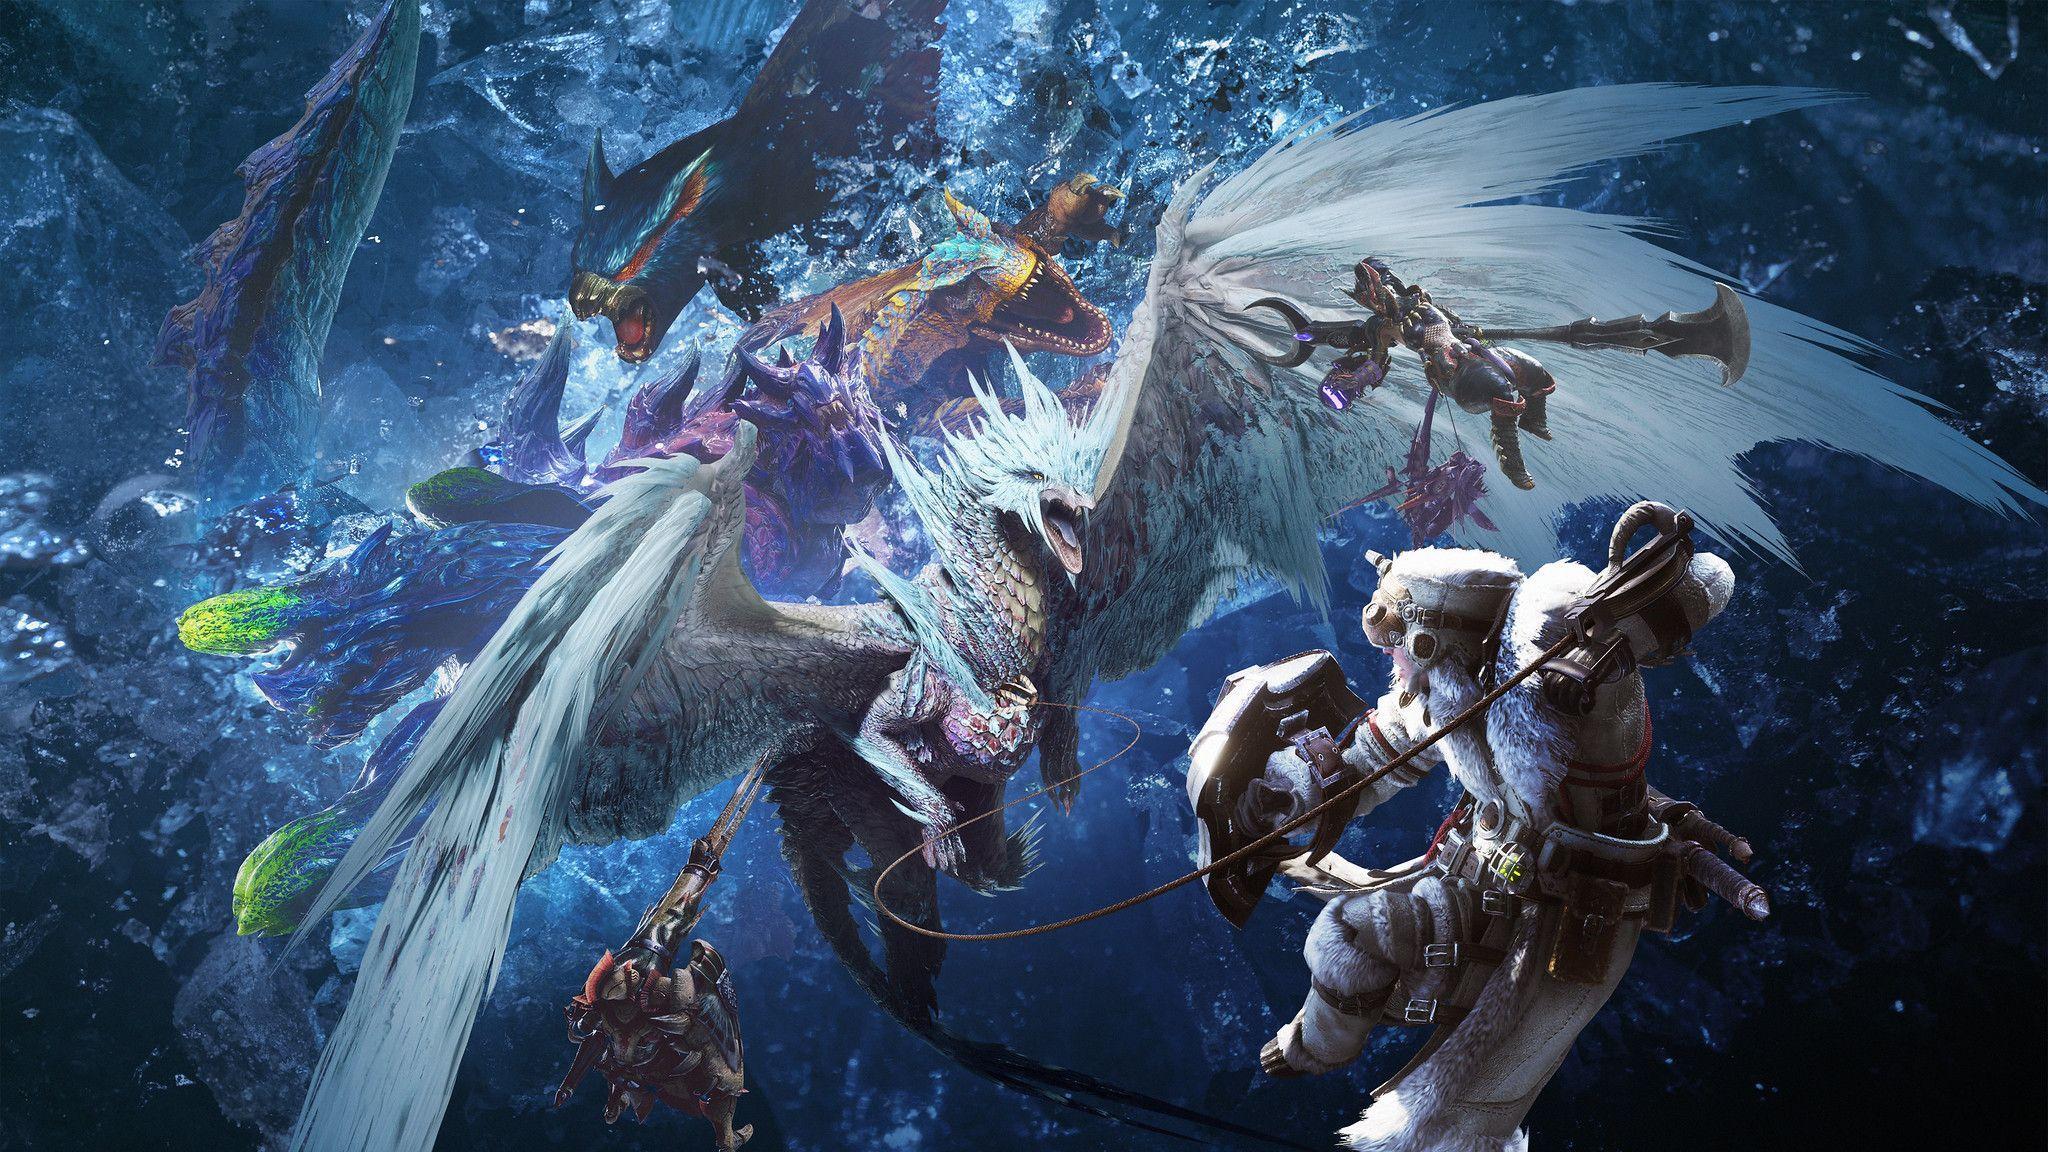 Monster Hunter World Iceborne Wallpapers Top Free Monster